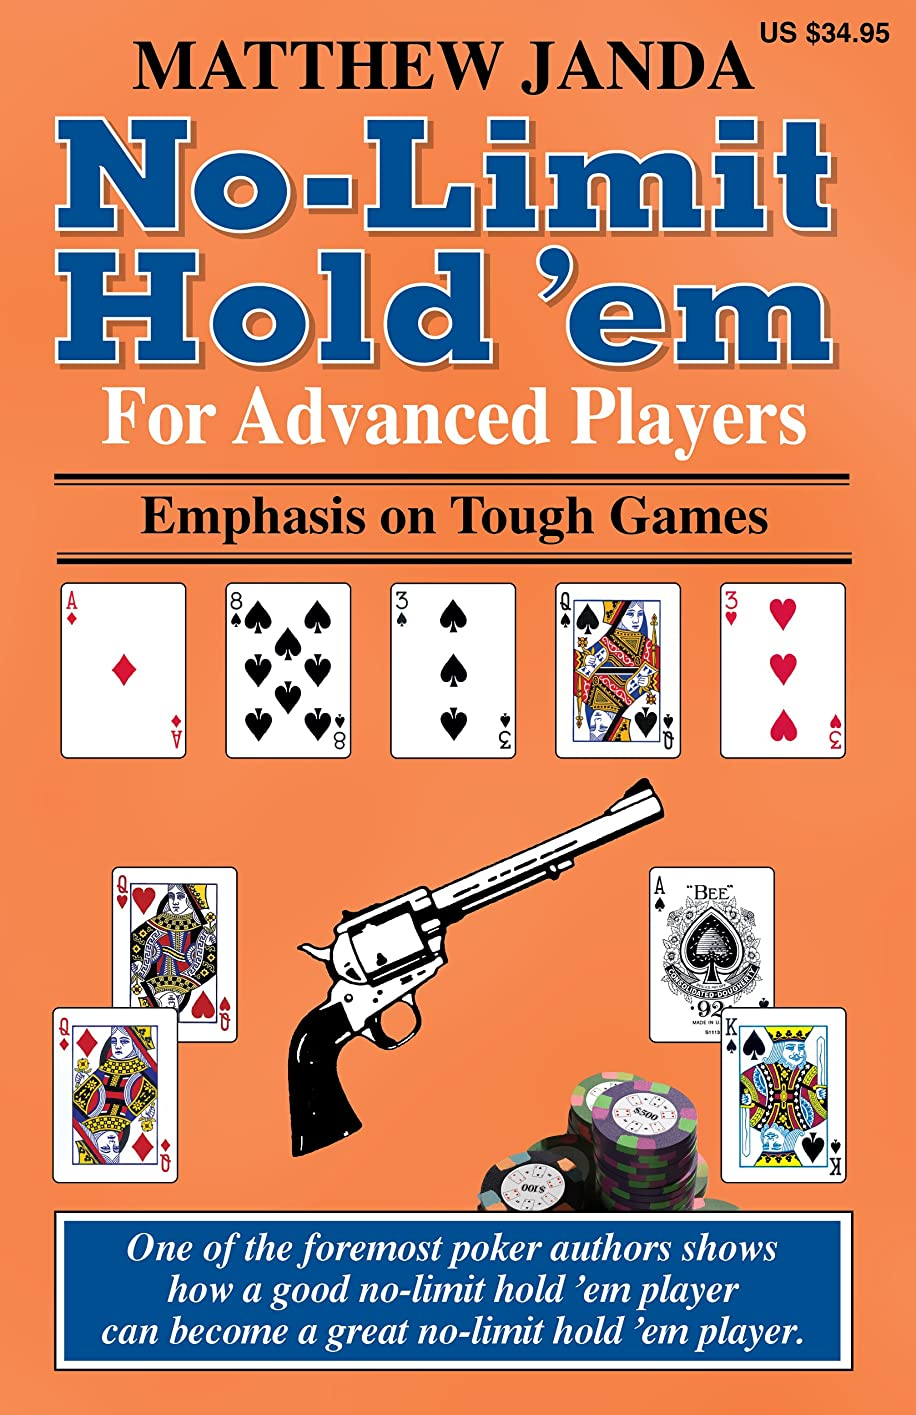 流出数学者おとこNo-Limit Hold 'em For Advanced Players: Emphasis on Tough Games (English Edition)